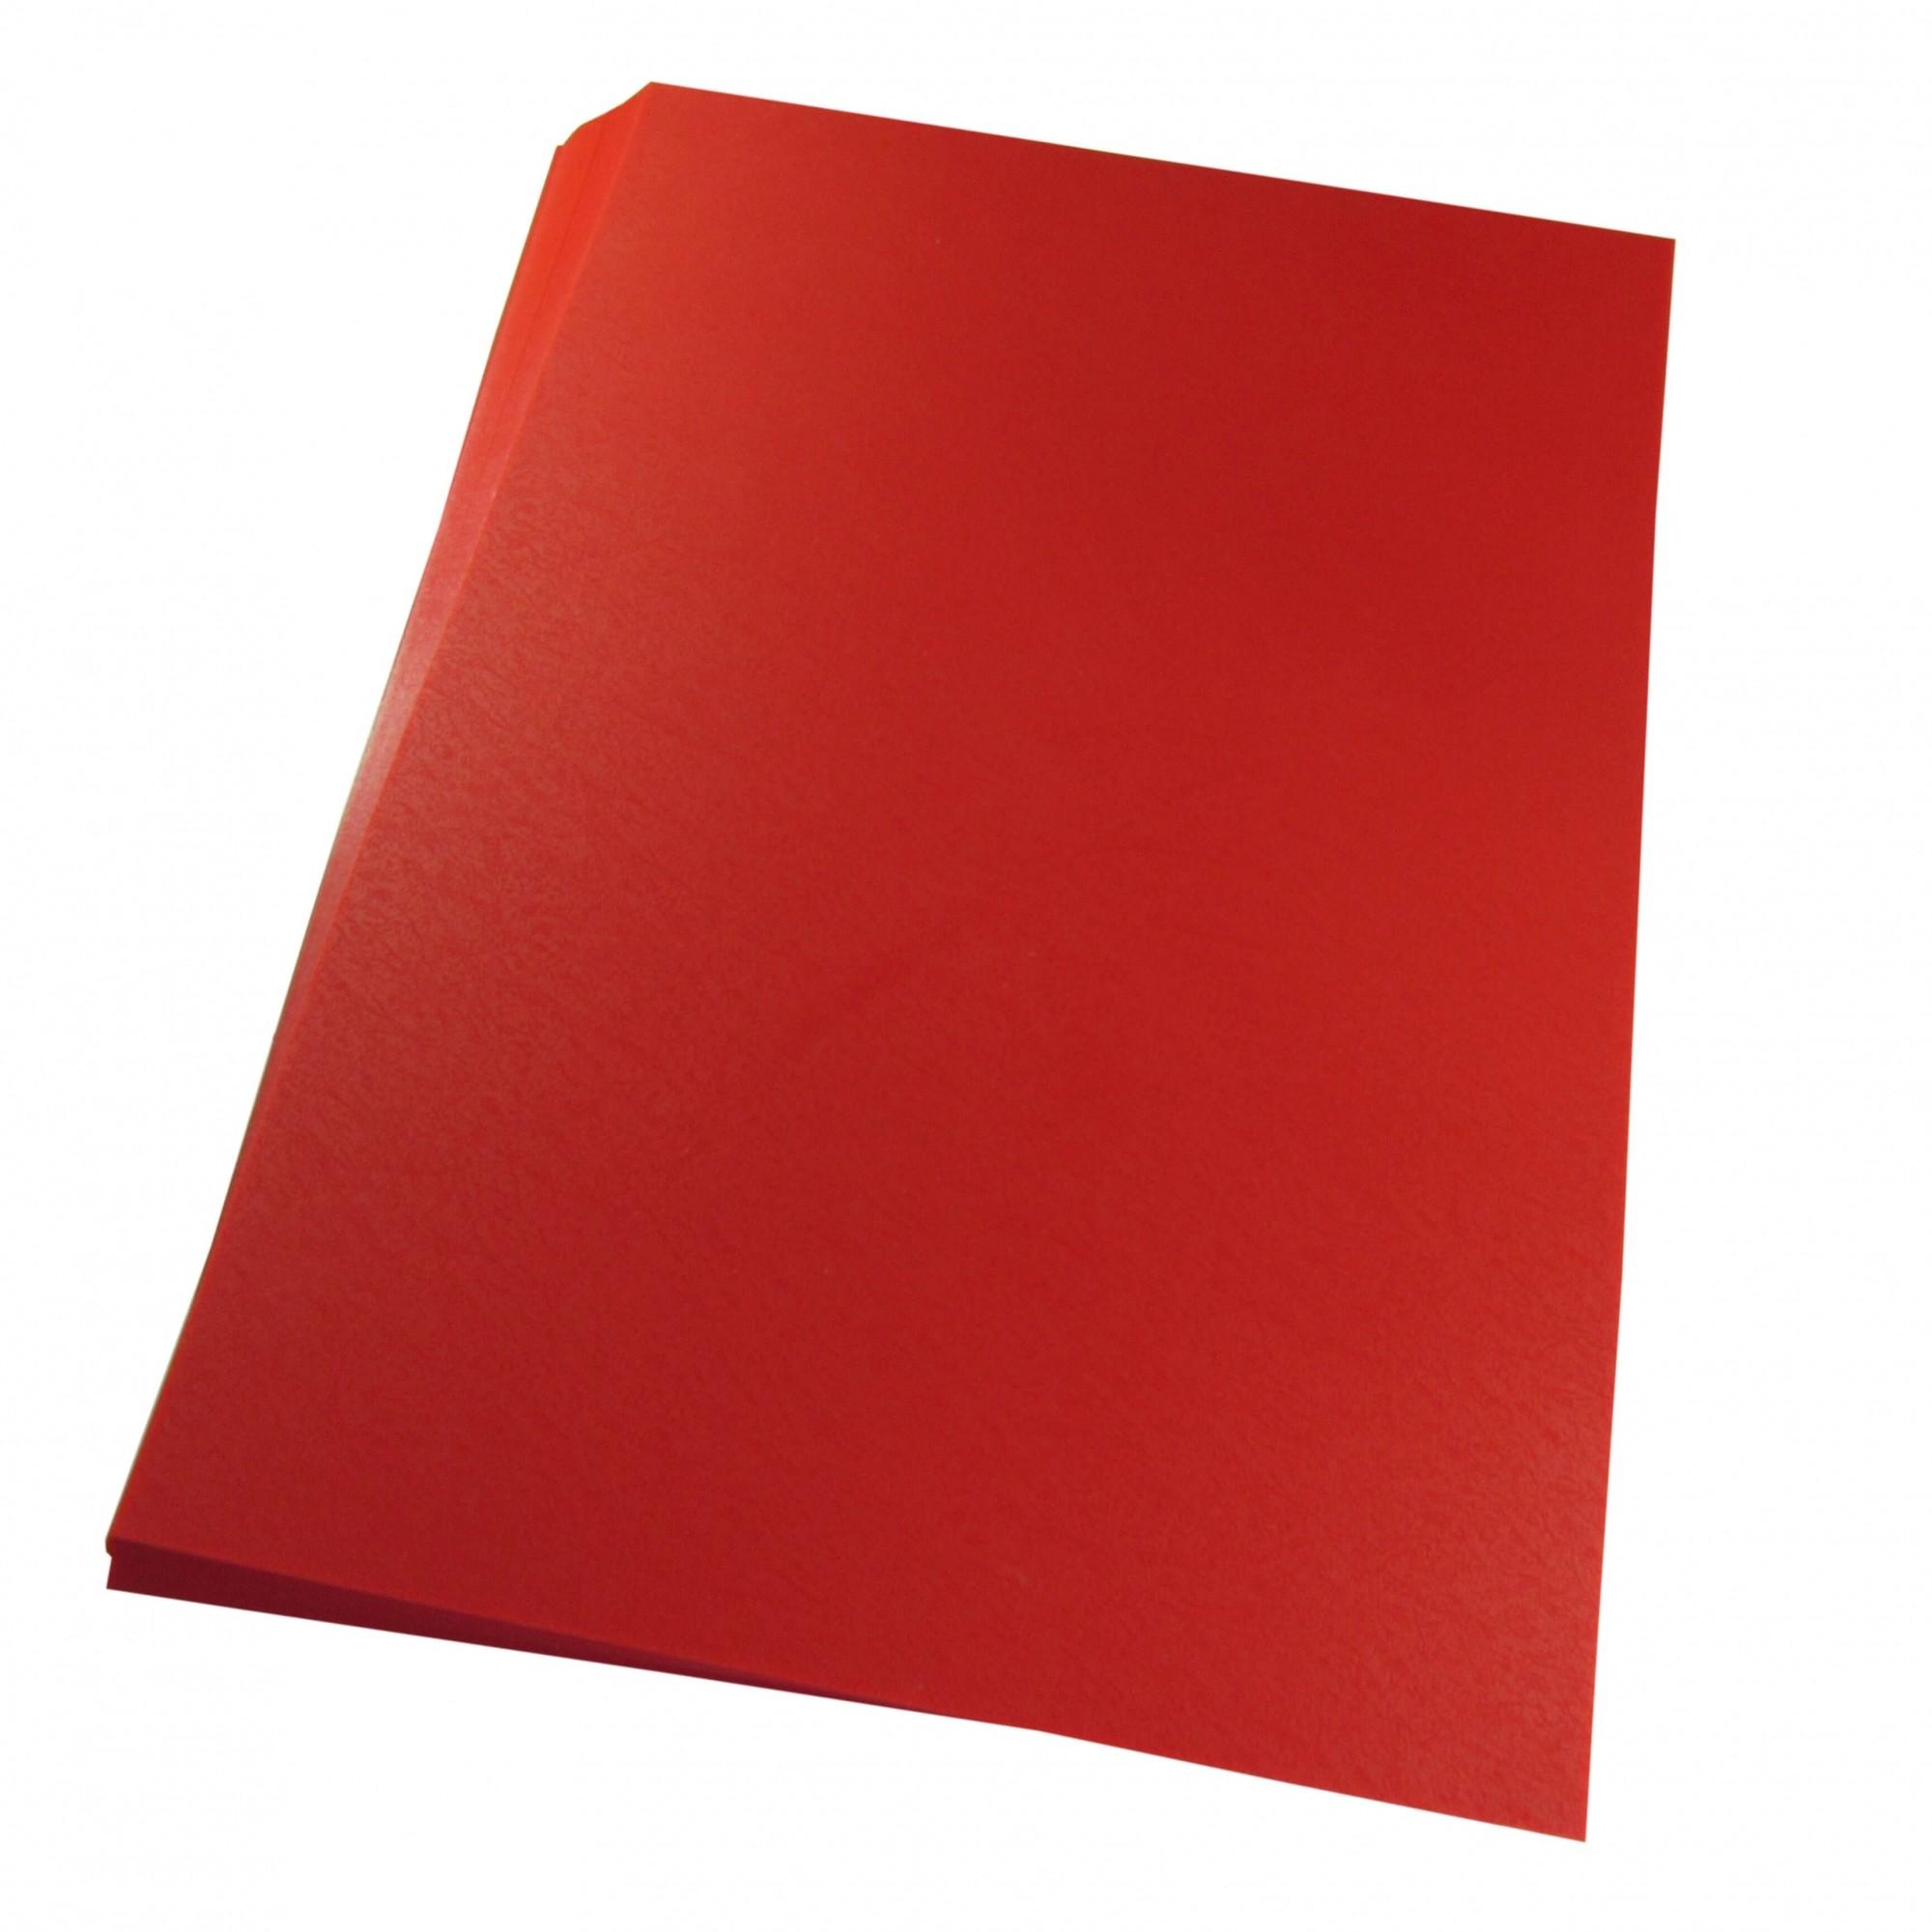 Capa para Encadernação A4 Vermelho Couro Fundo PP 0,30 100un